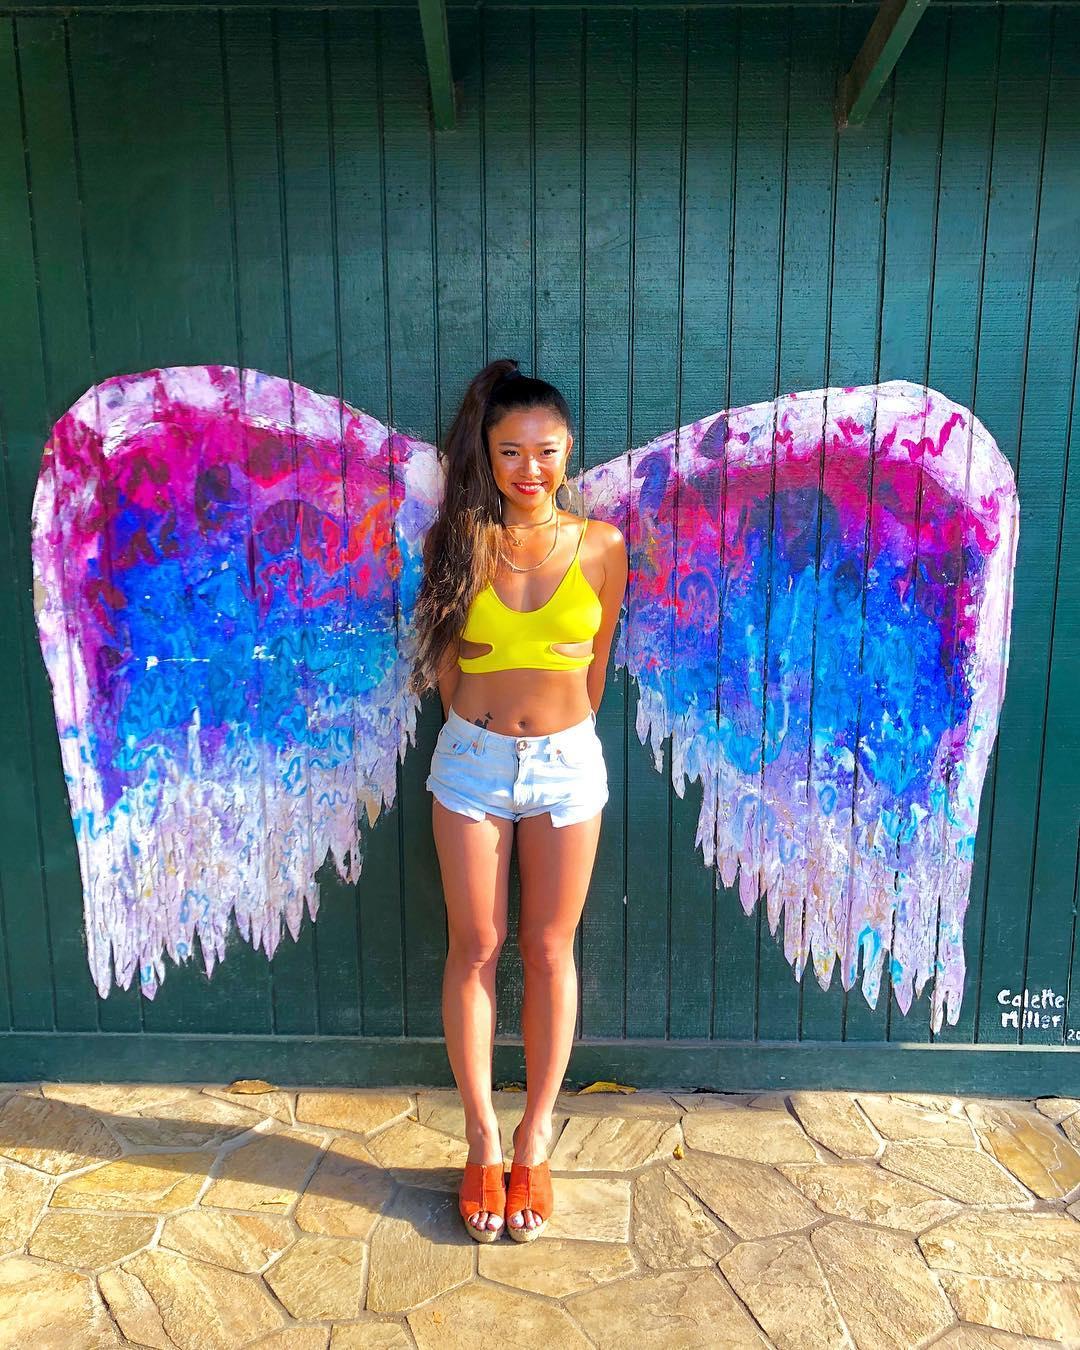 インスタ映え間違いなし!天使の羽が生えた壁とよく合うヘアスタイル4